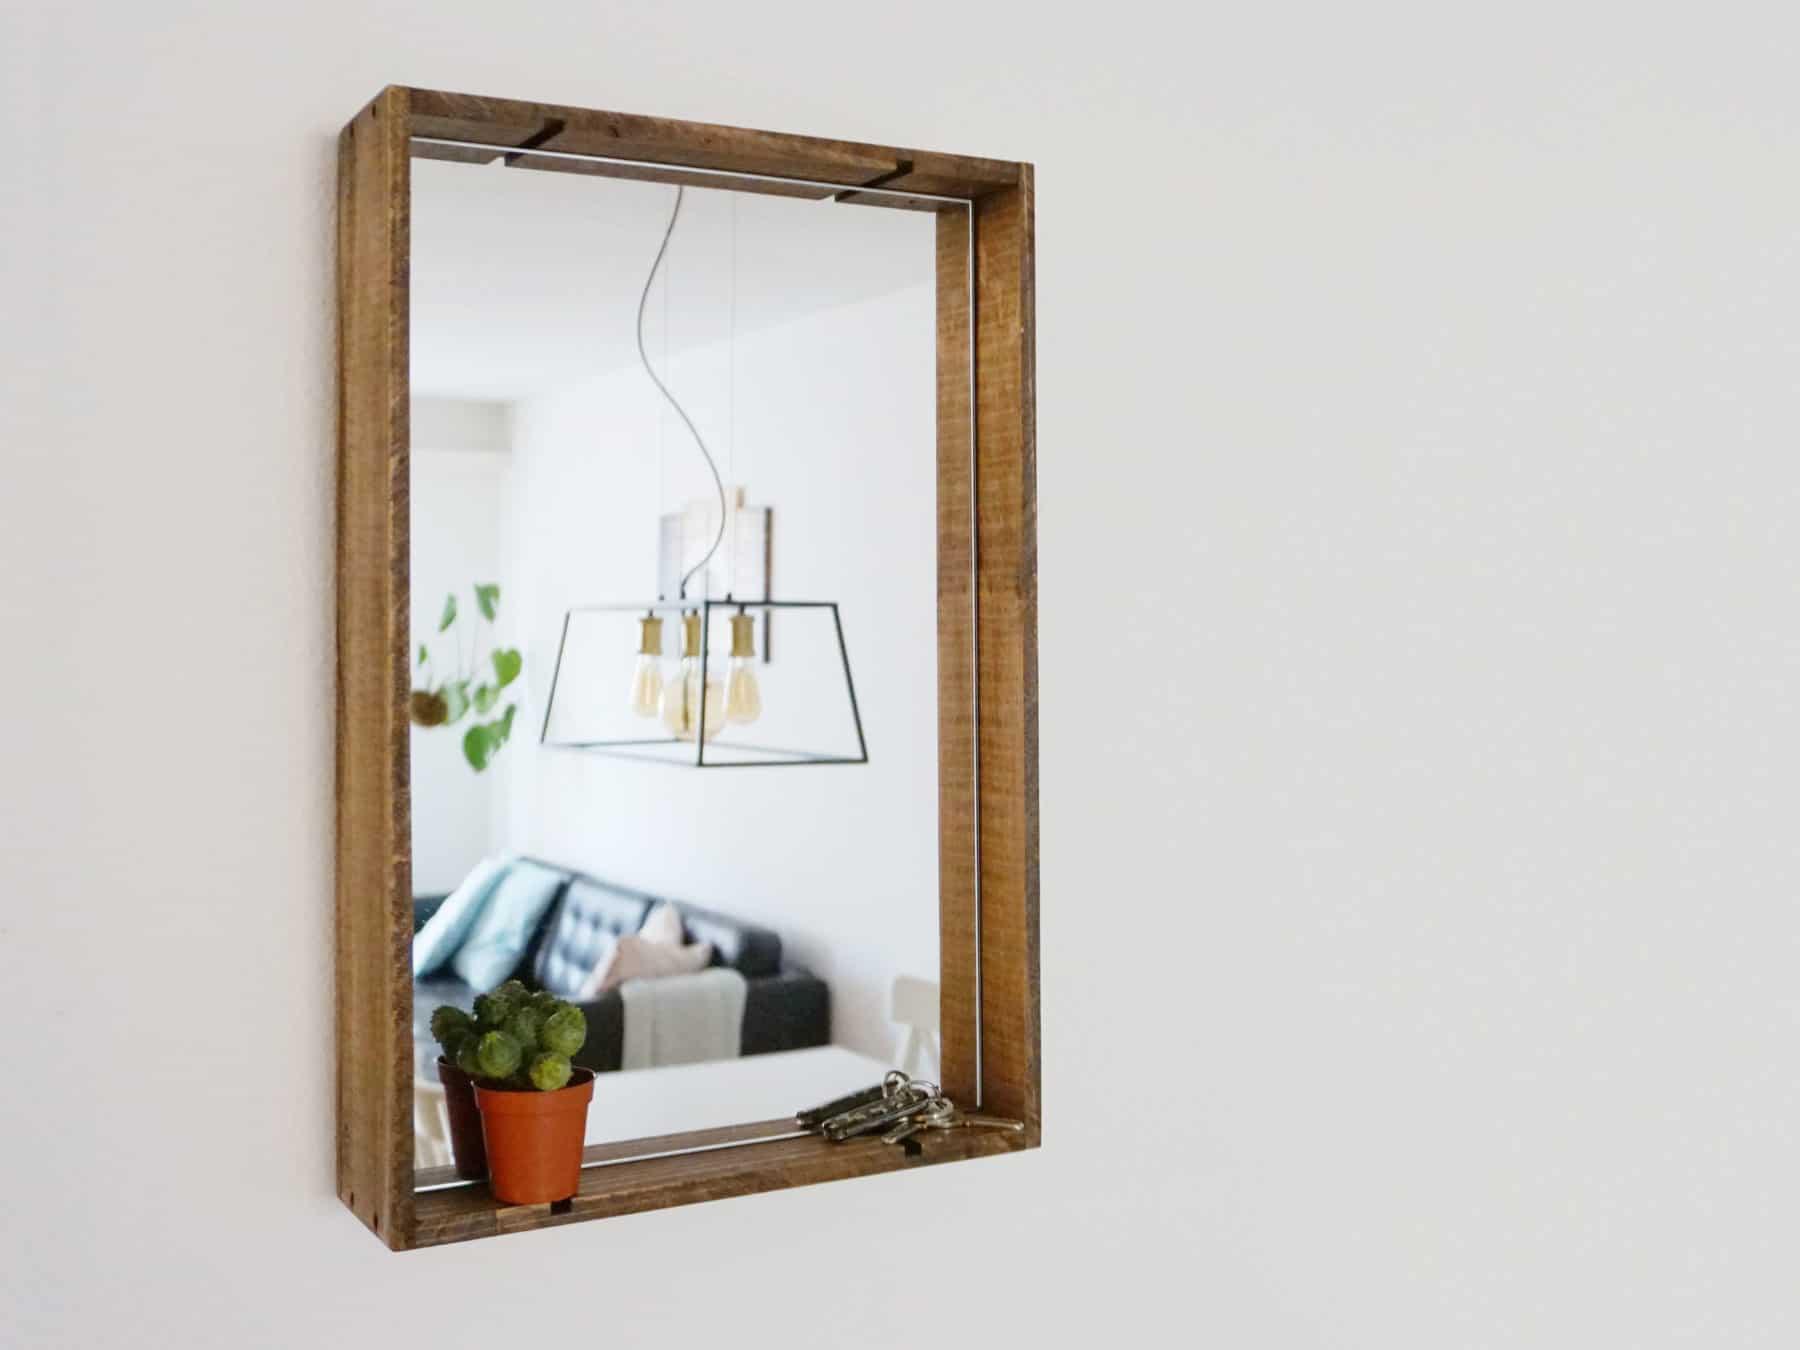 Uniqamo Spiegel Upcycling aus alten Weinkisten swissmade KURTS.ch in Wohnung